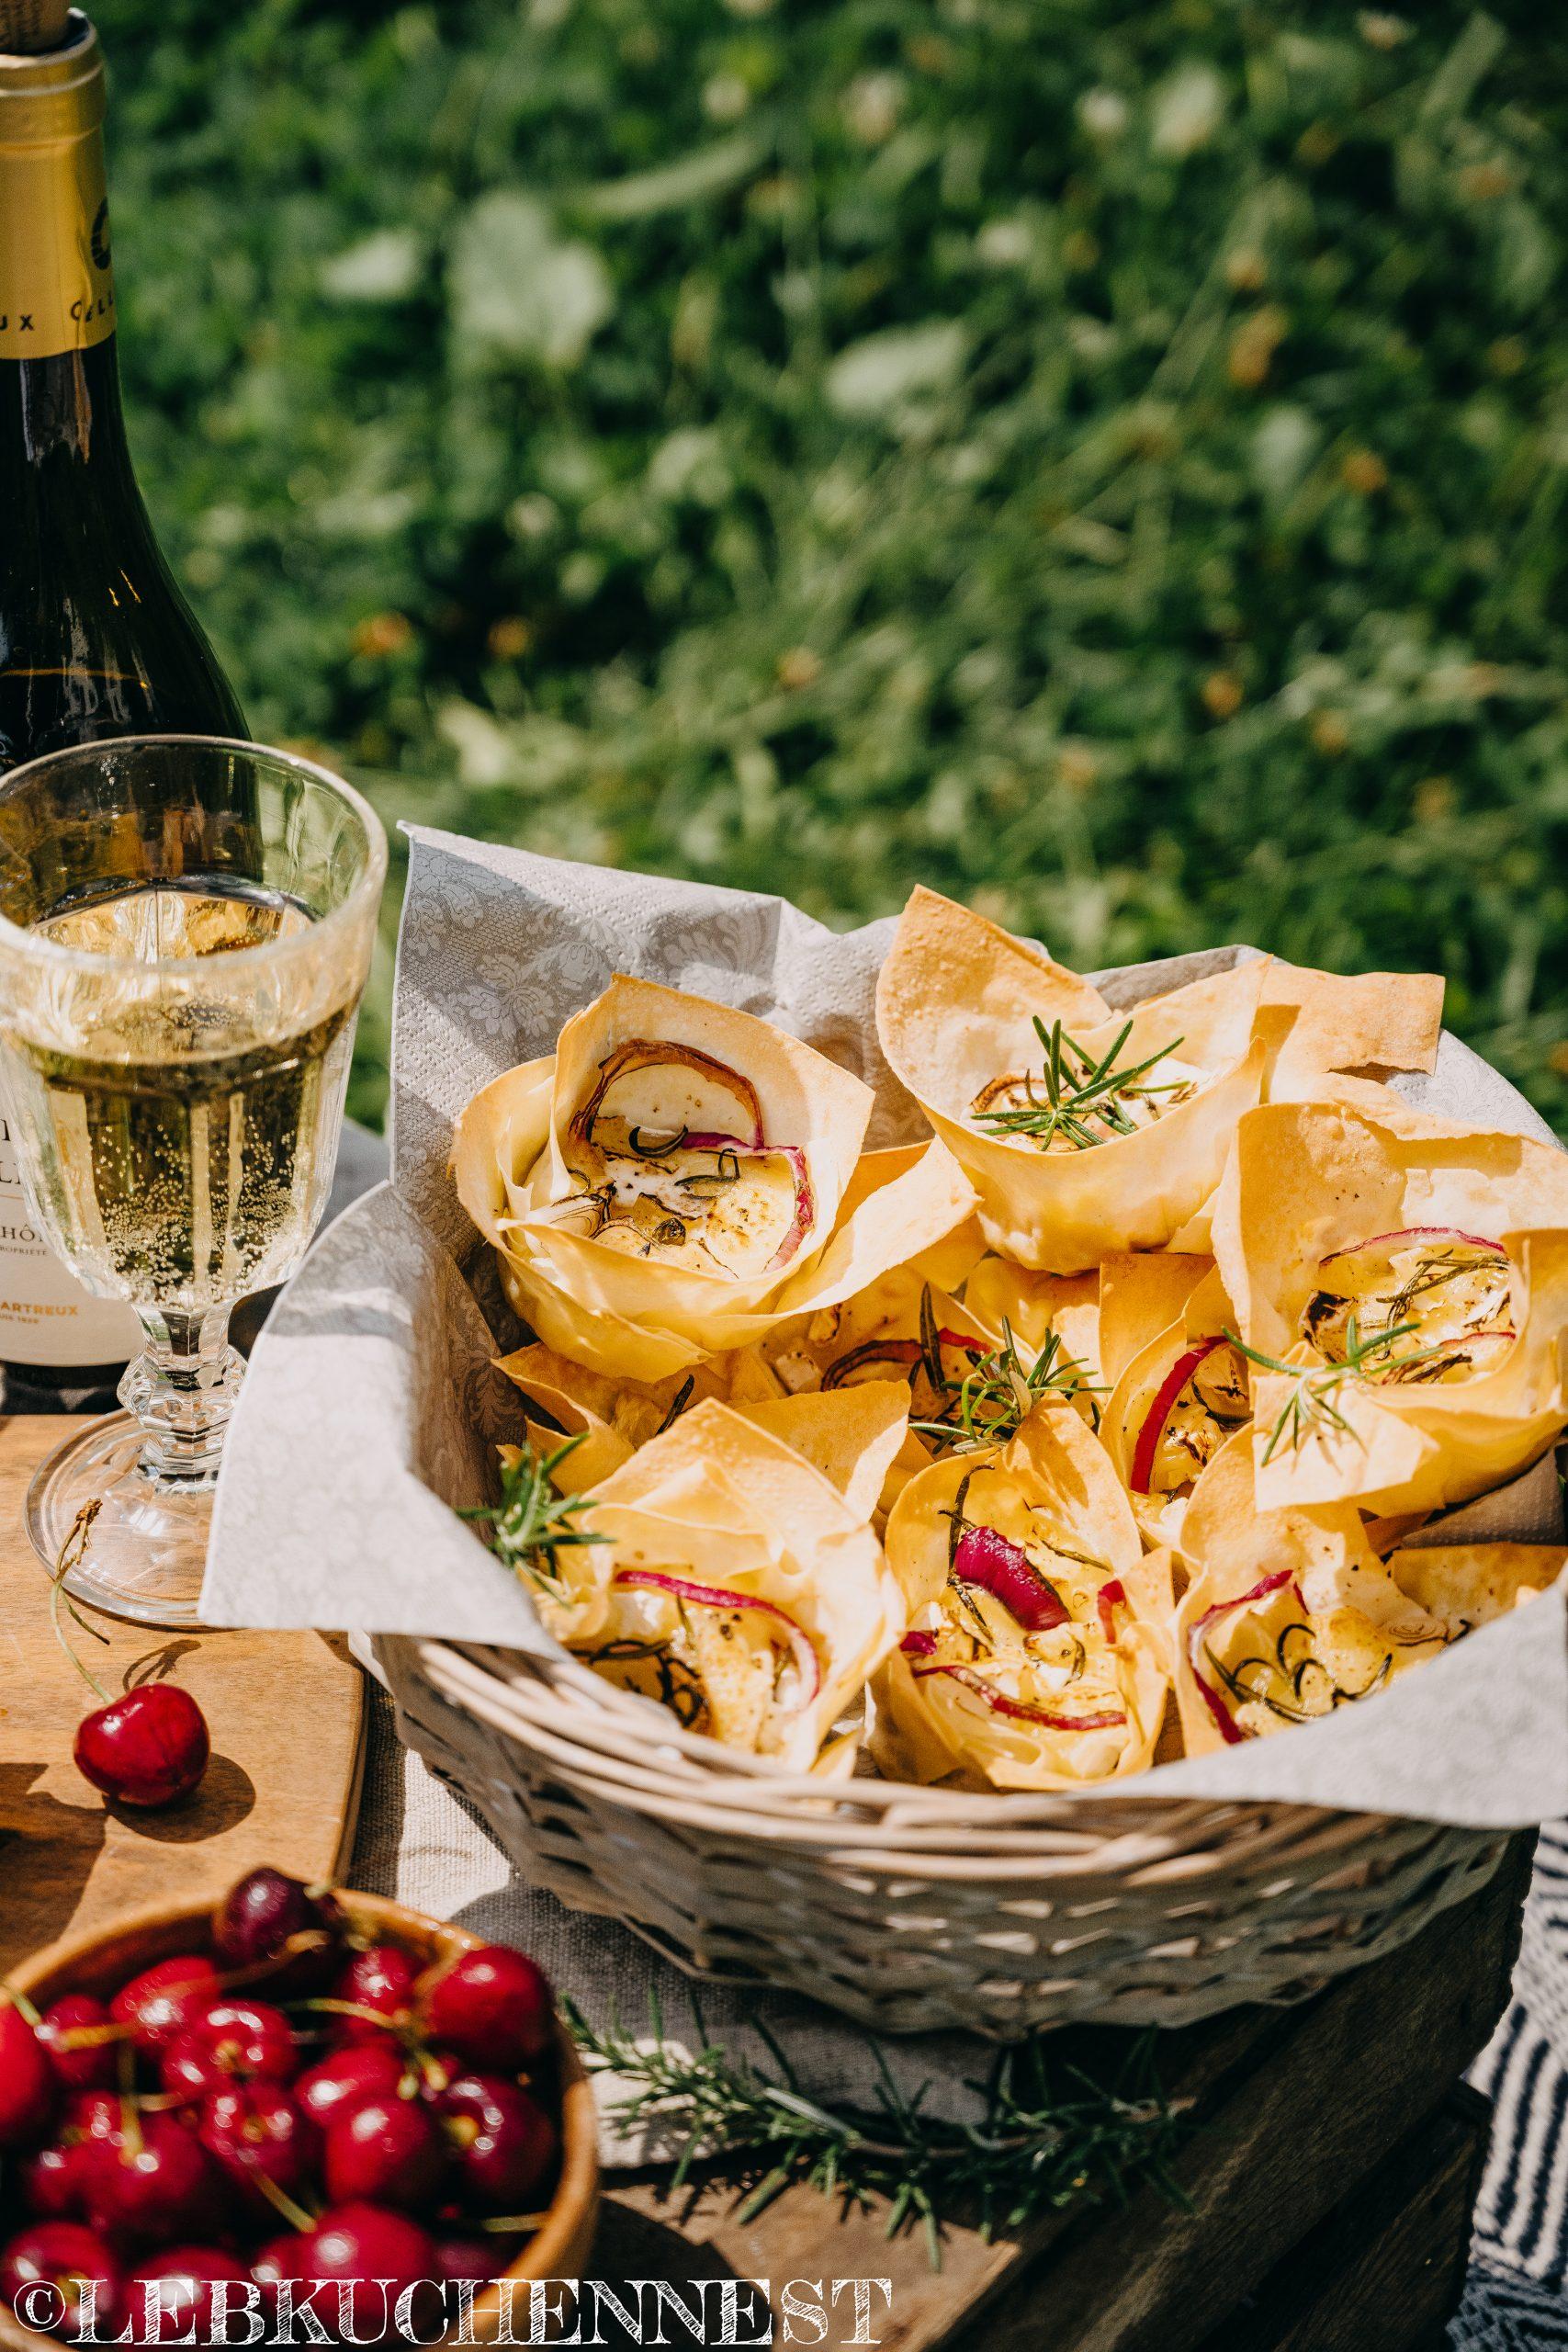 Picknick mit Briekörbchen und Kirschchutney